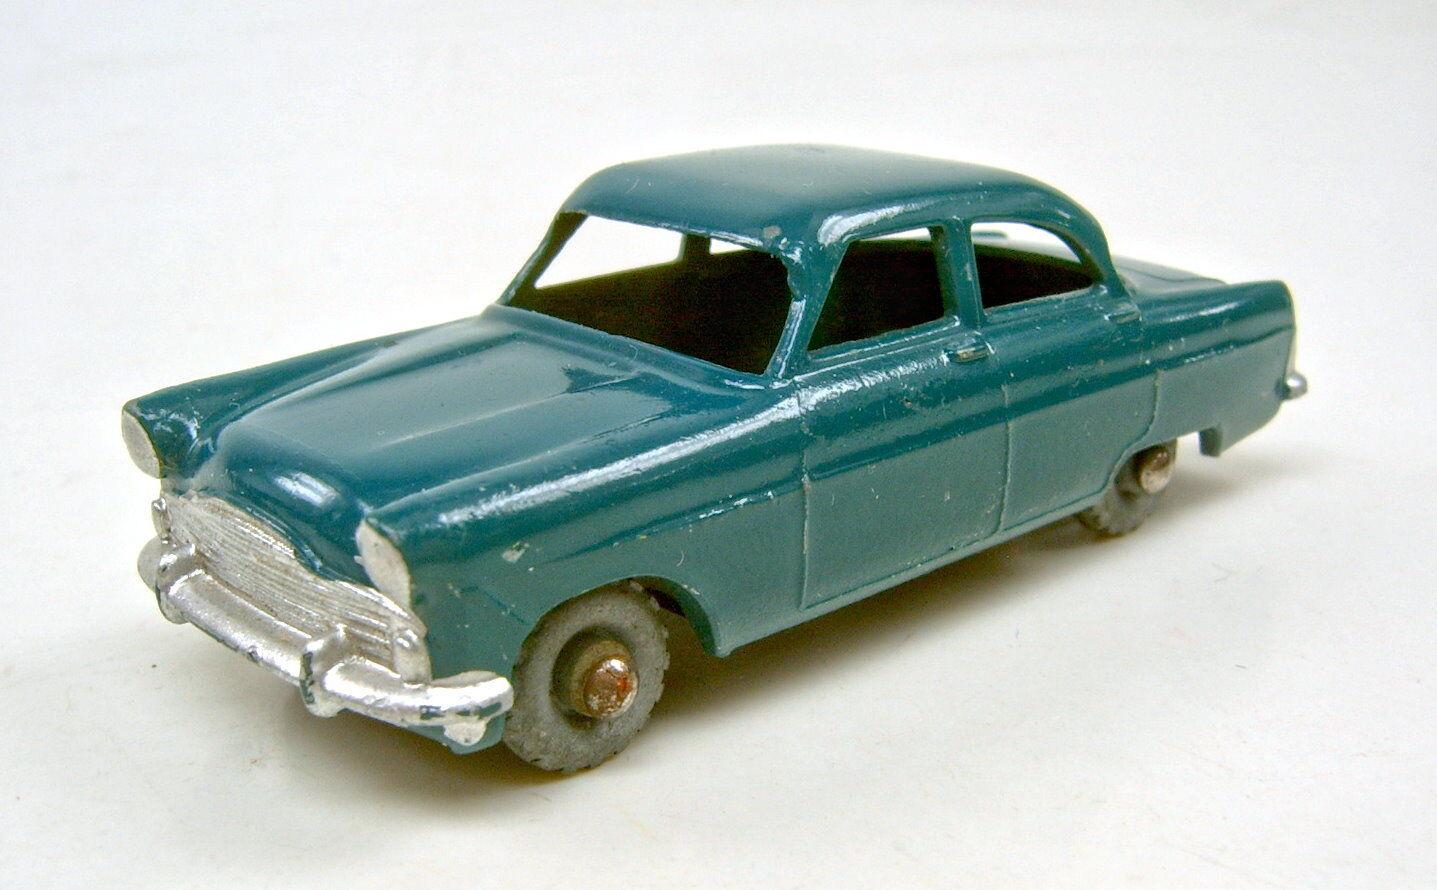 MATCHBOX RW 33a Ford Zodiac verde scuro ruote di metallo ottime condizioni